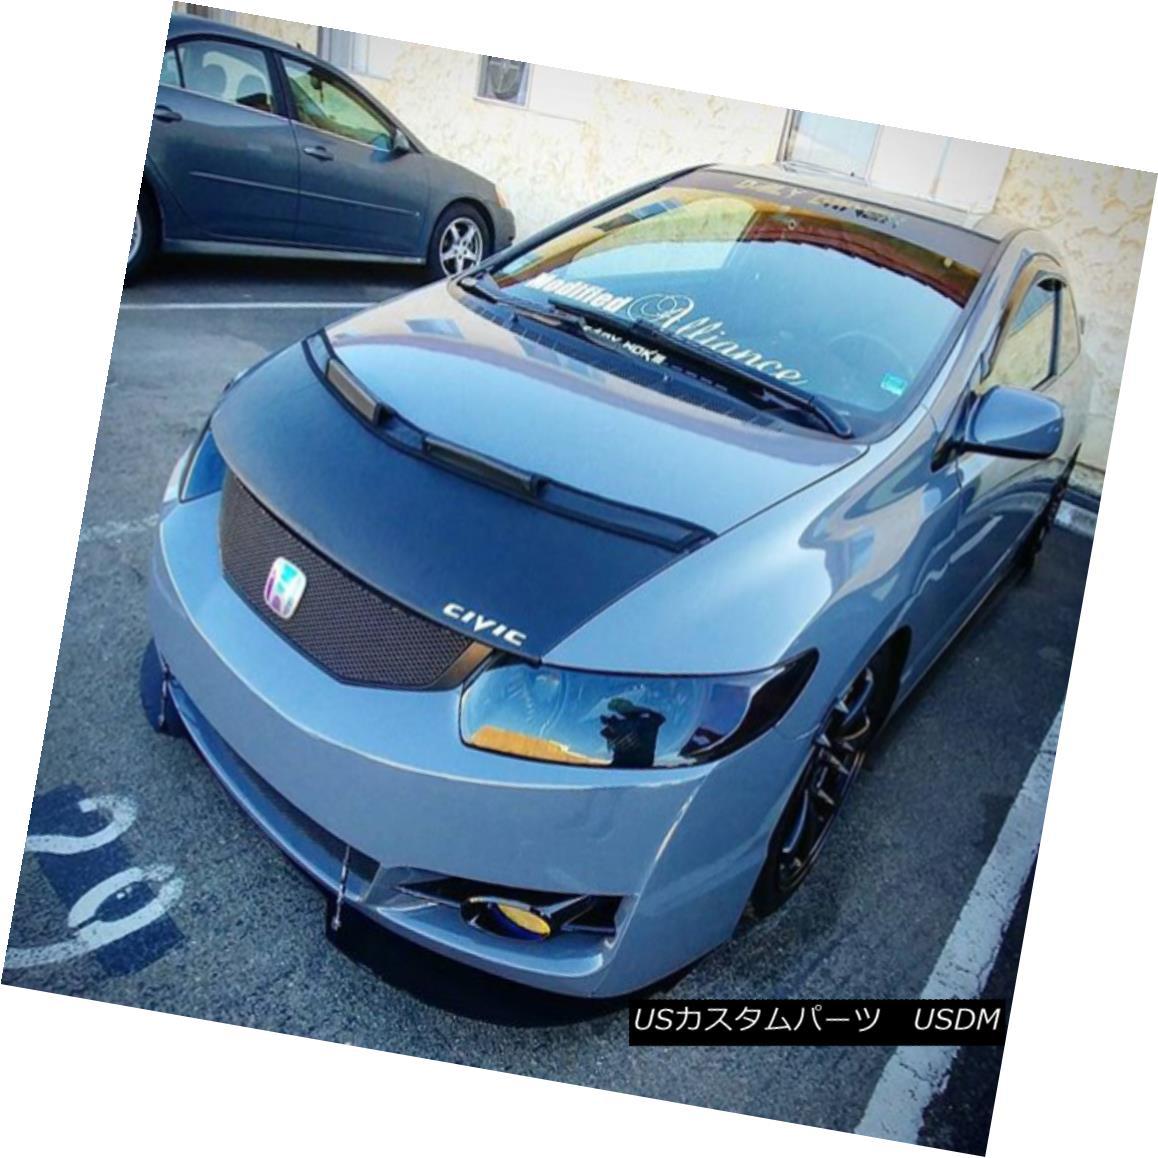 Hood Civic Bra フルブラ Honda 2010 LOGO Bonnet 08 2011 09 08 2010 07 + 09 07 Fits カーボンネットマスクフードブラジャー+ロゴフィットホンダシビッククーペ06 2011 Coupe Car ノーズブラ 06 Mask